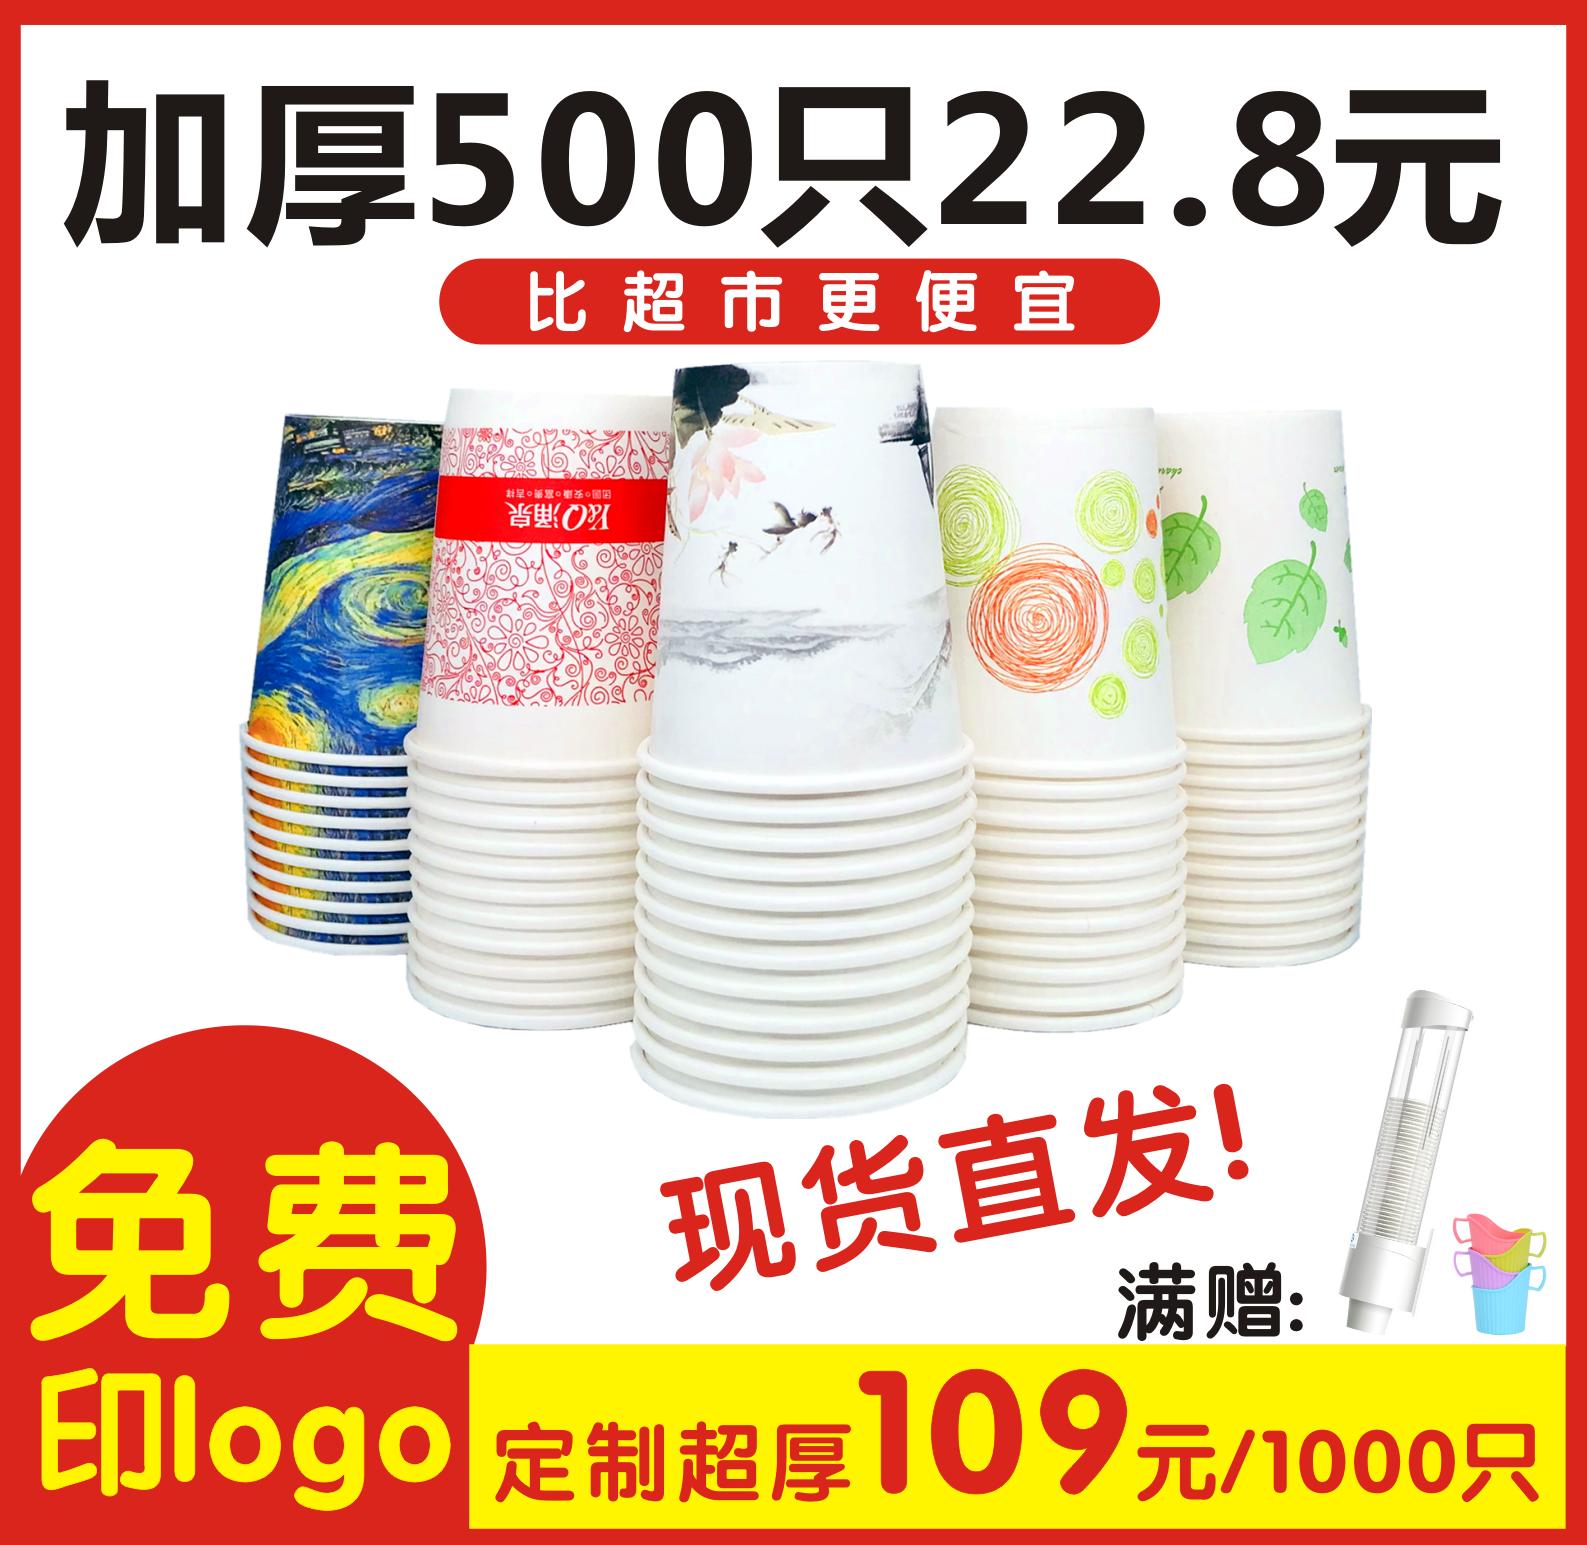 纸杯一次性杯子家用结婚茶水杯定做加厚商用招待广告杯定制印logo